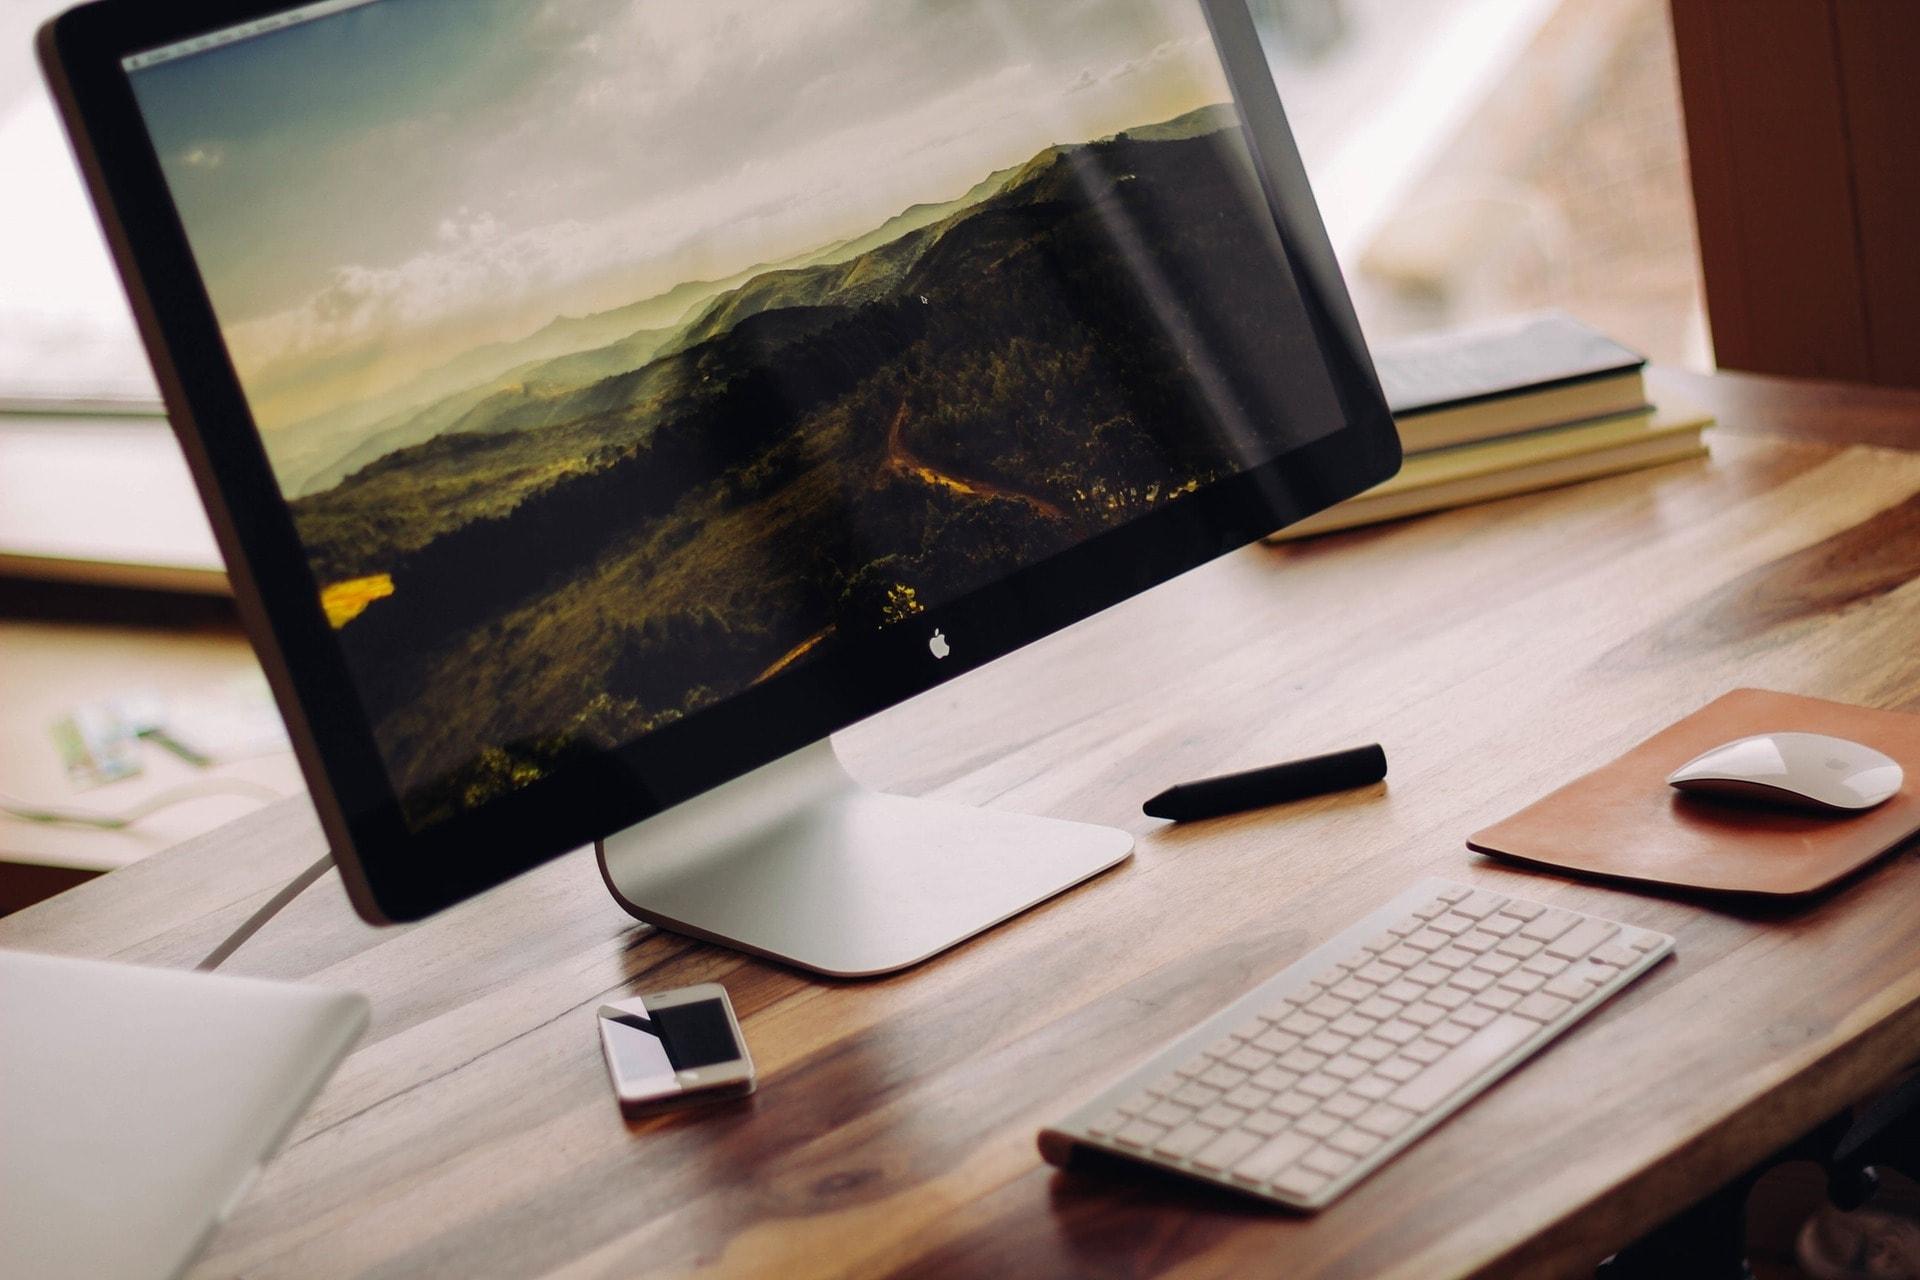 ¿Estás buscando un servicio técnico para tu Mac? Estás de suerte